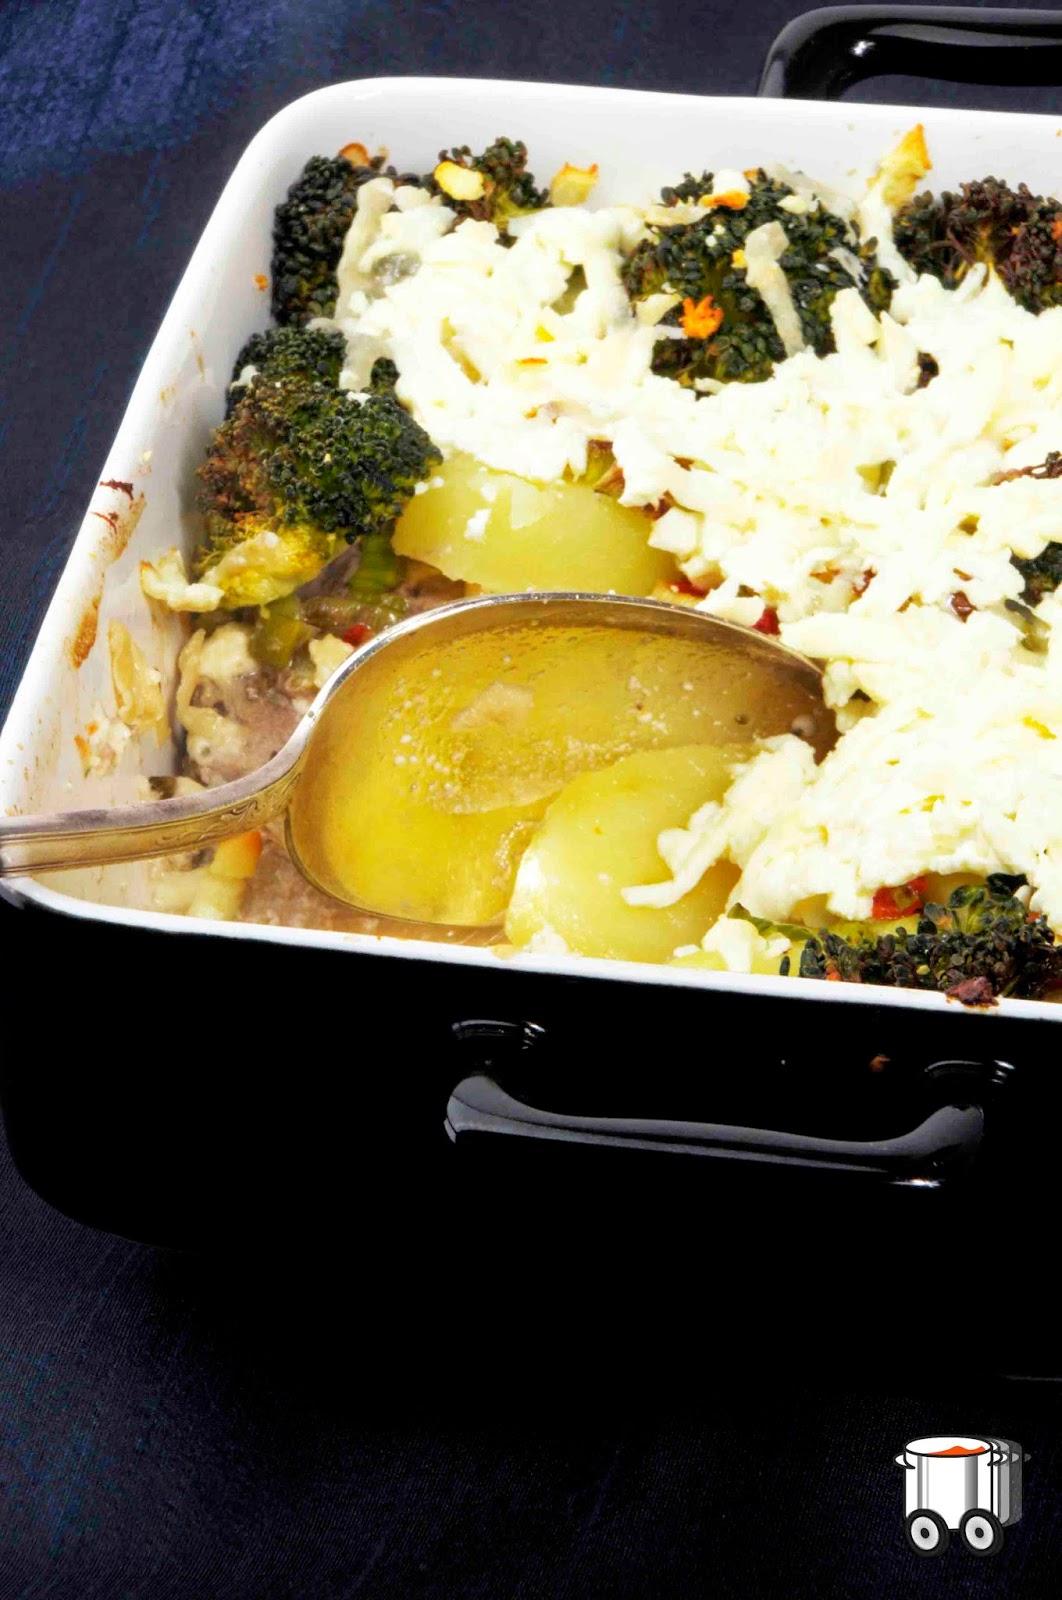 Szybko Tanio Smacznie - Zapiekanka z polędwiczek, ziemniaków i brokułów